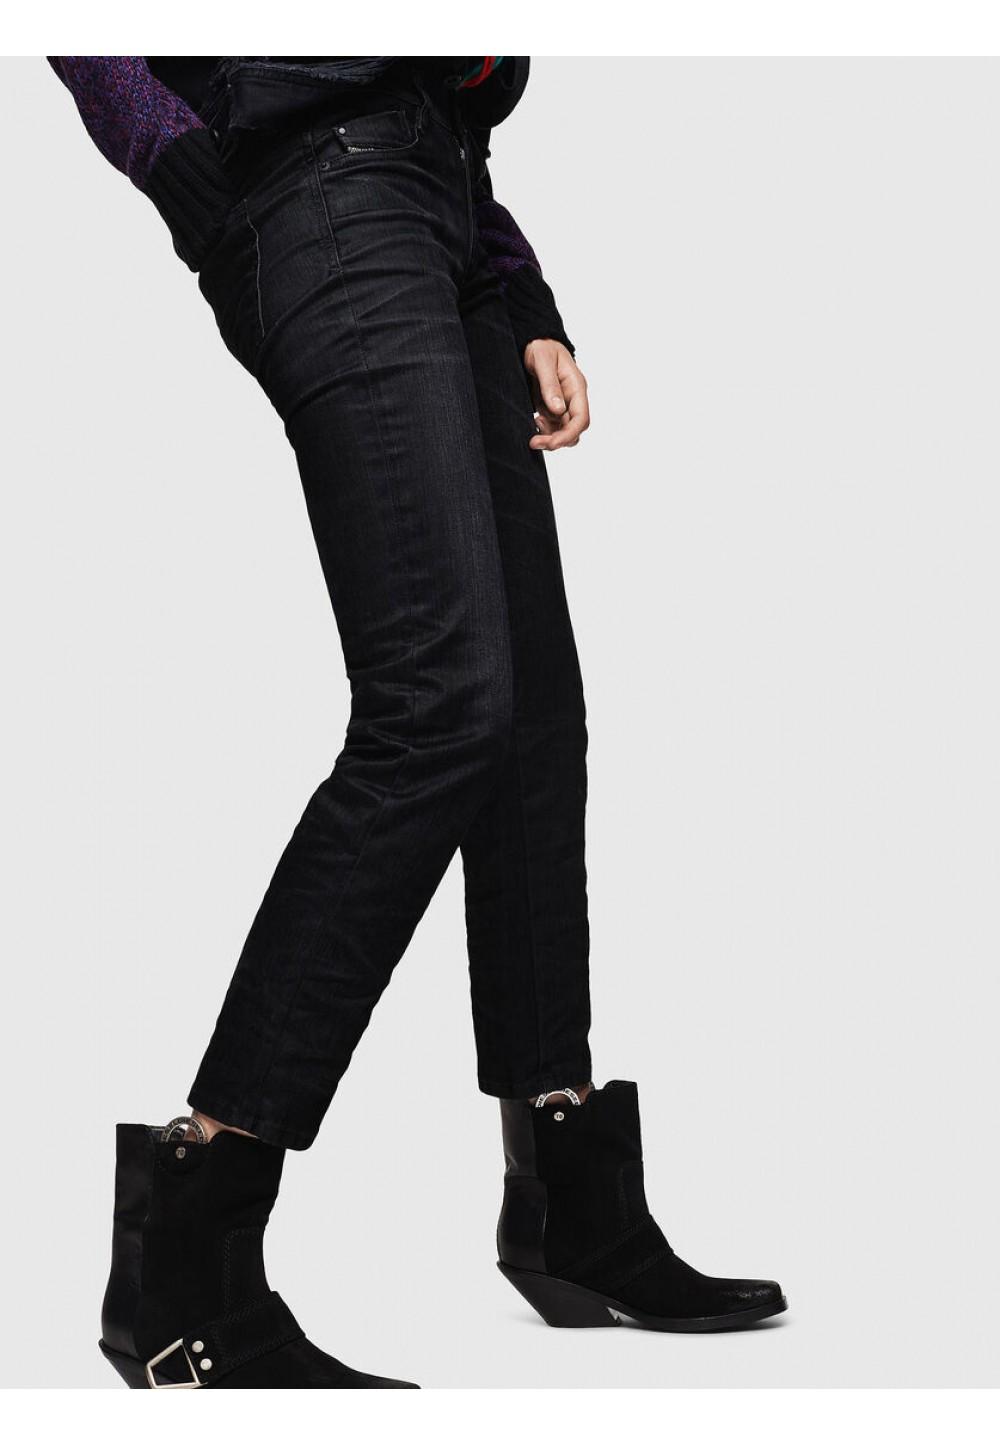 Джинсы Slim модель D-Rifty